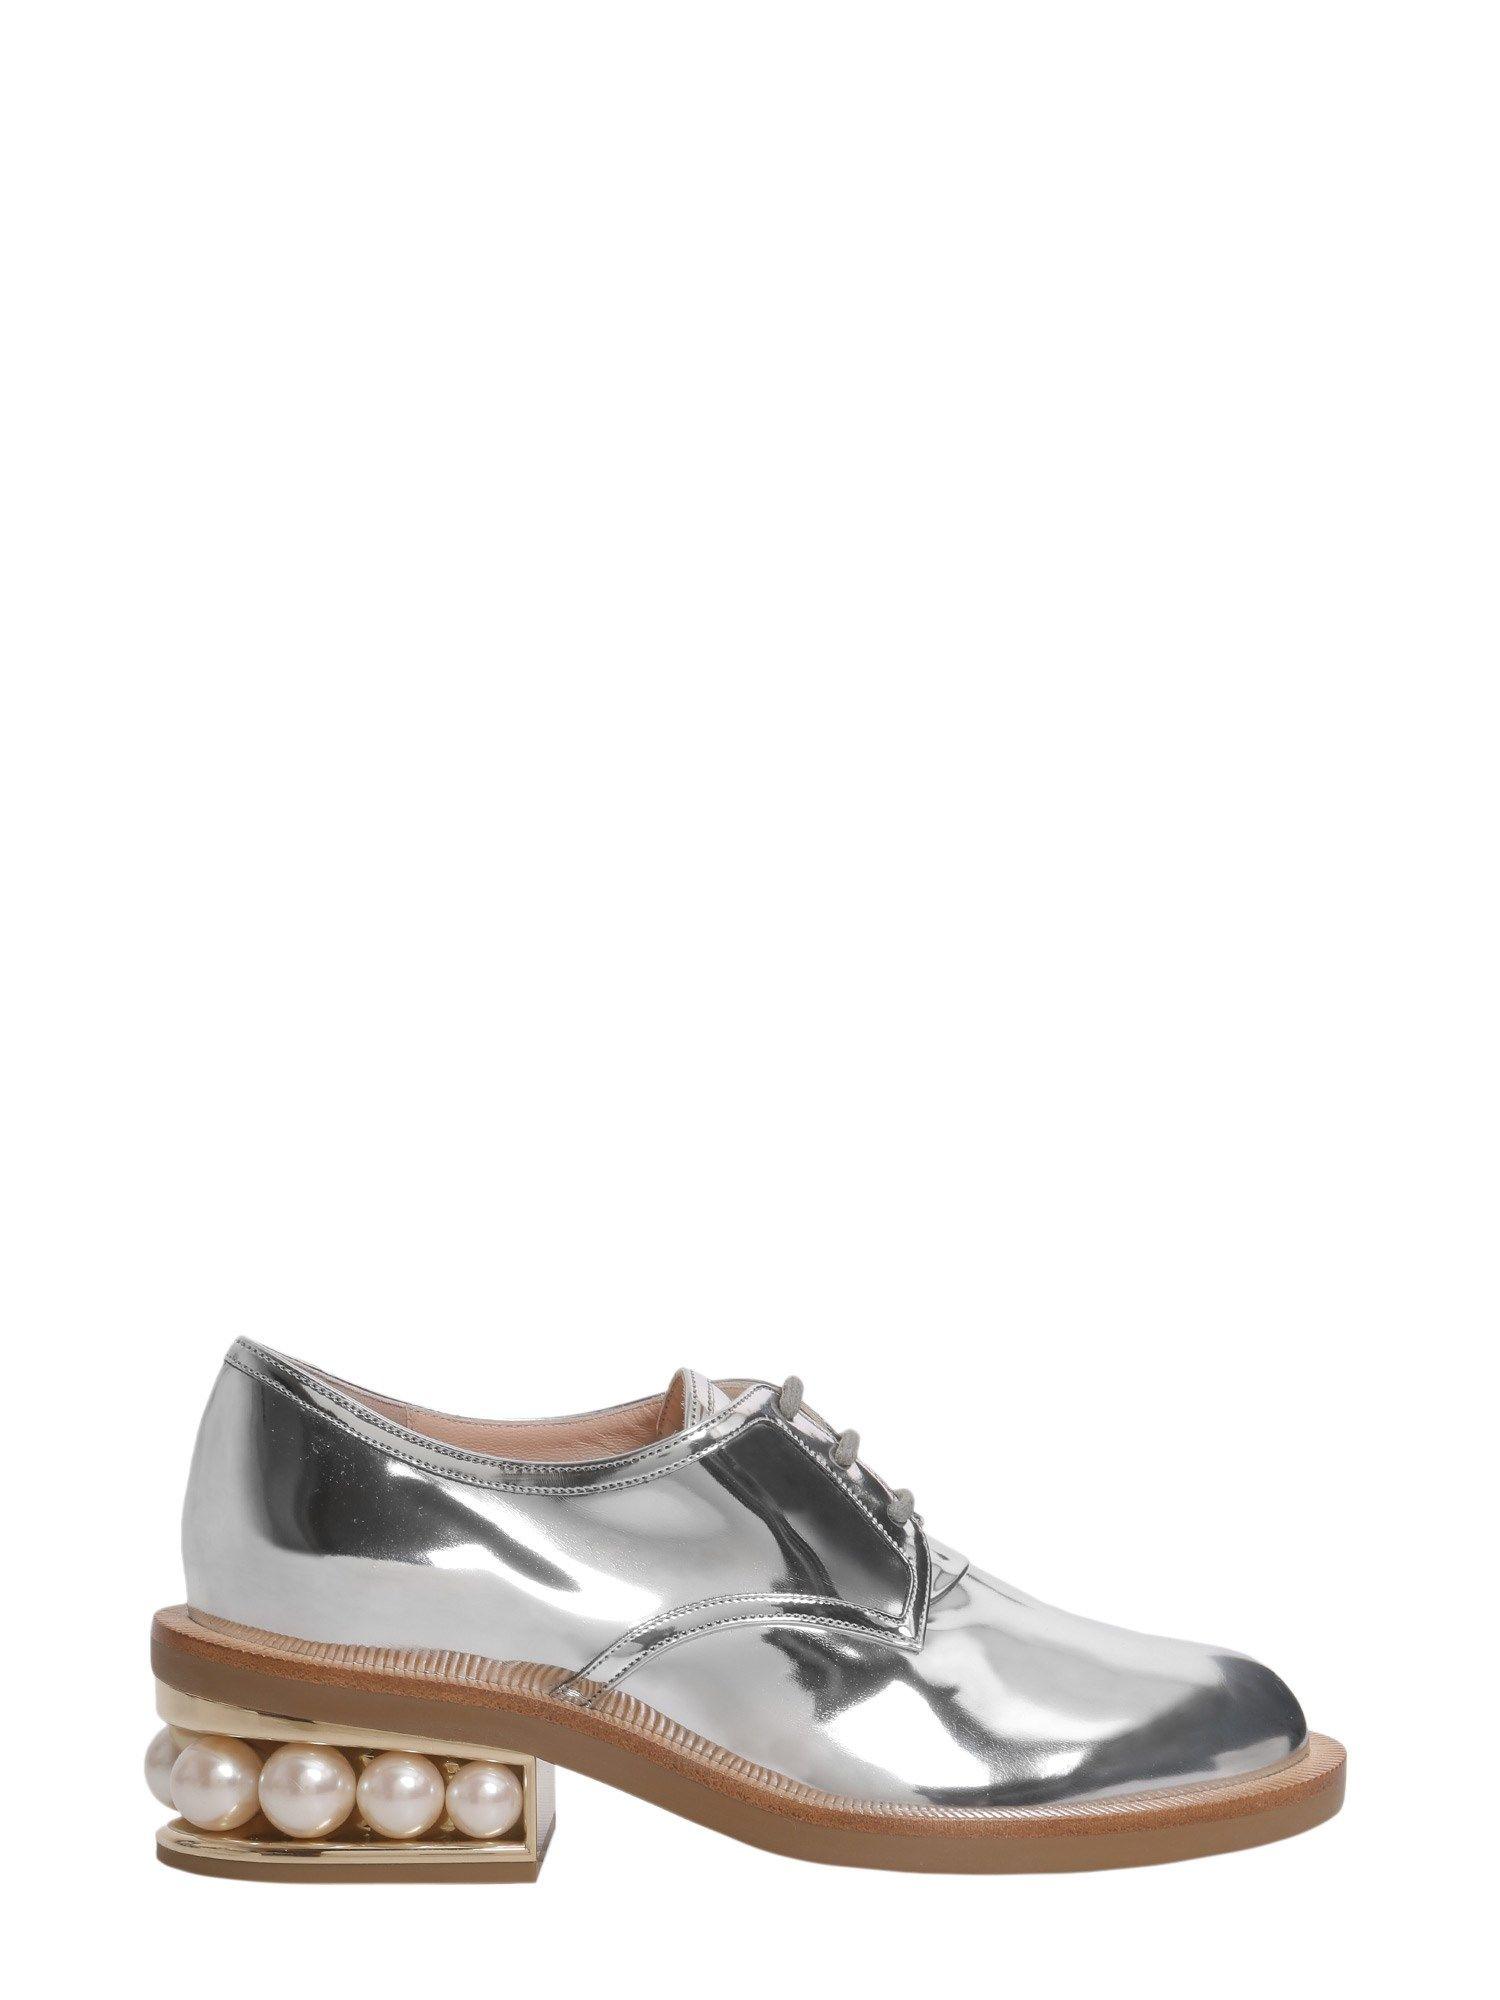 Casati Lace-up Shoes